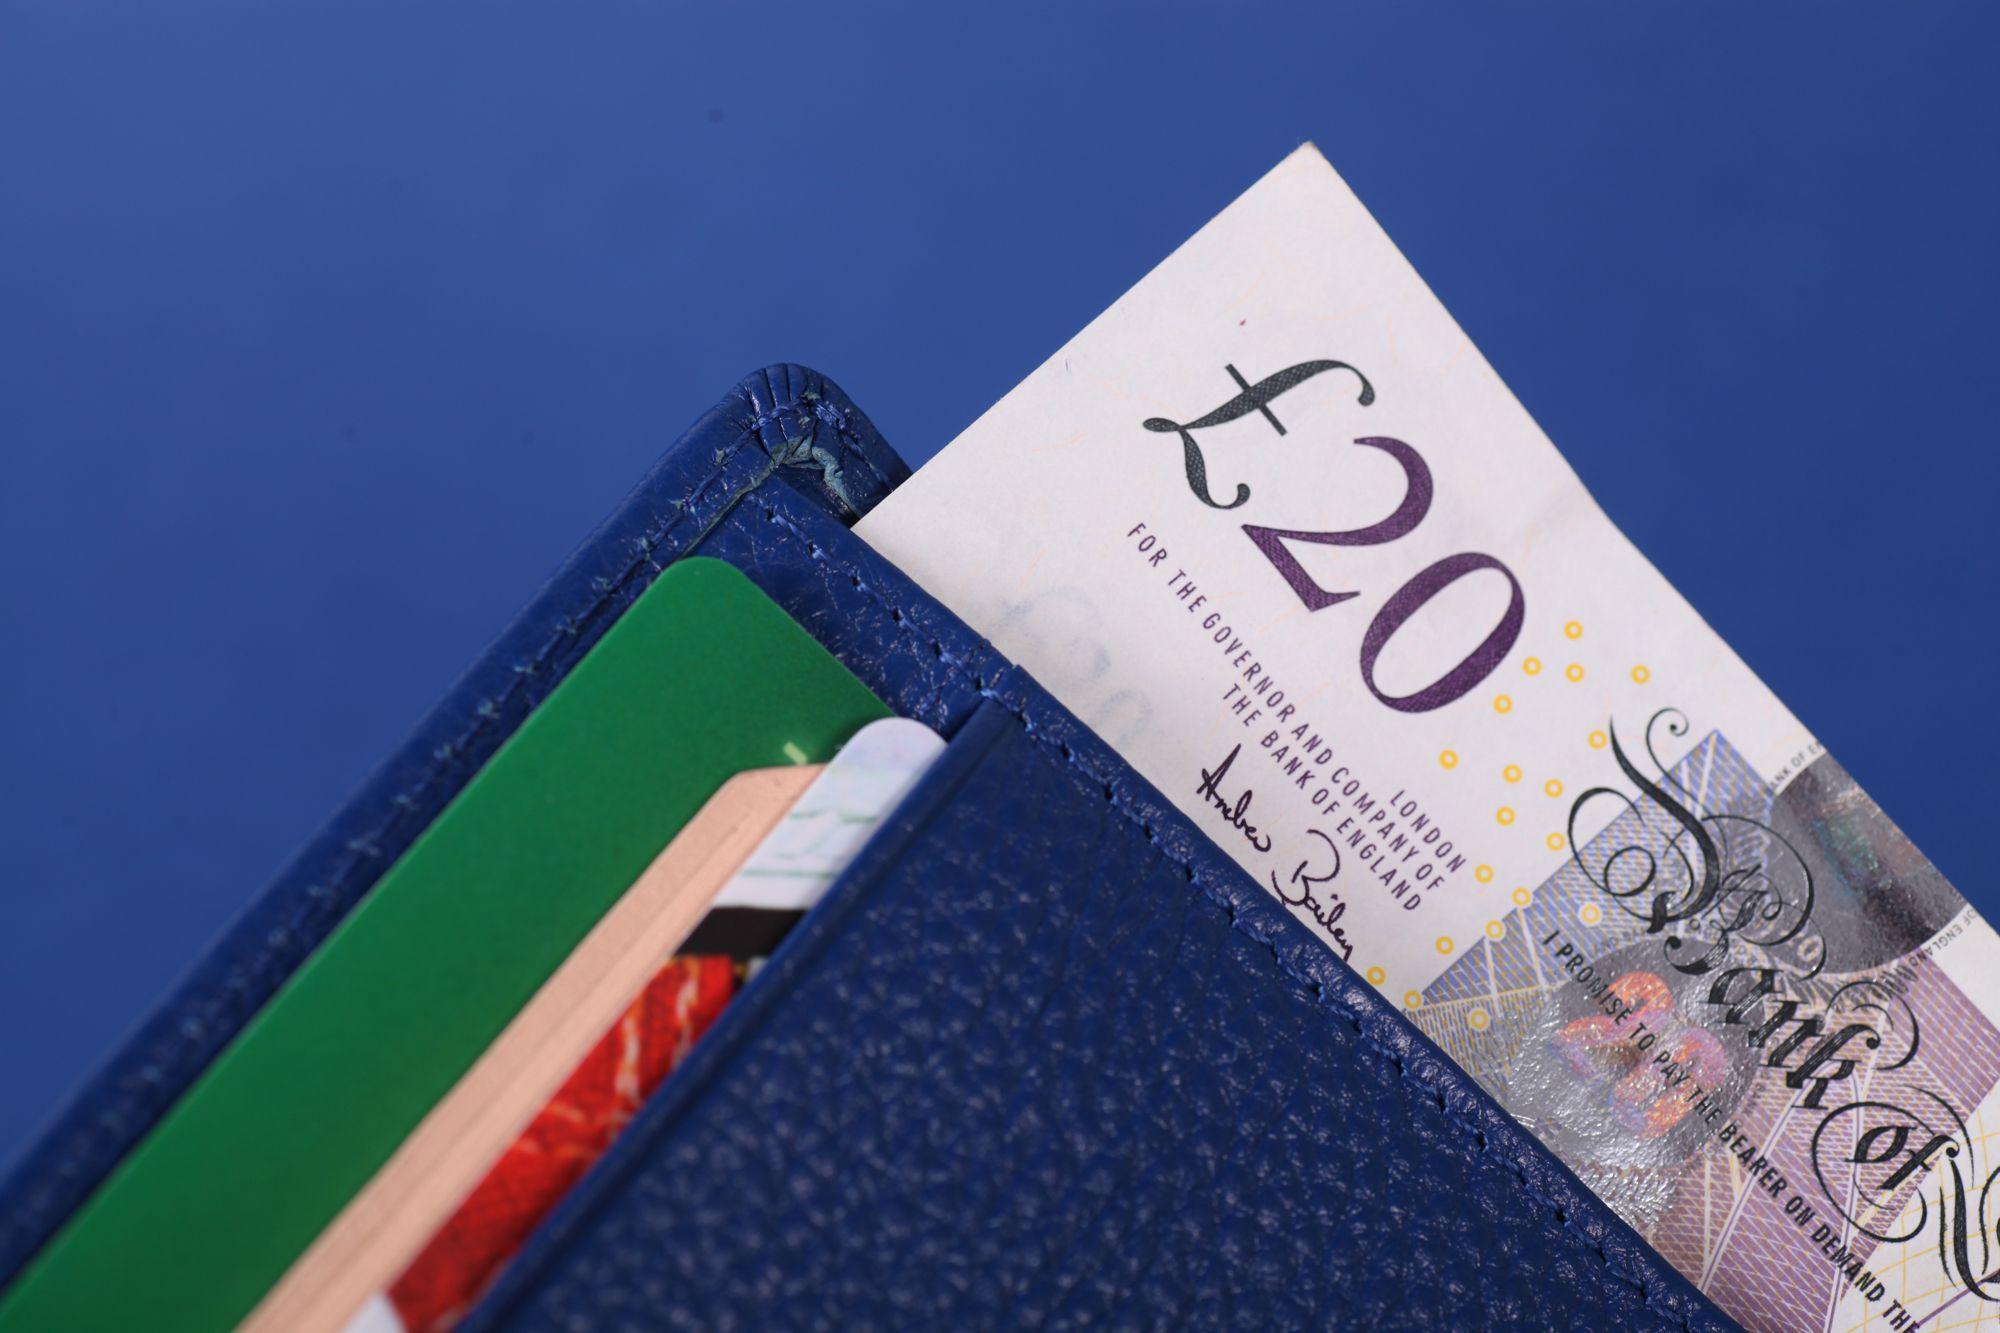 Cartera Lucentu Blue Xabia con tarjetas y billetes